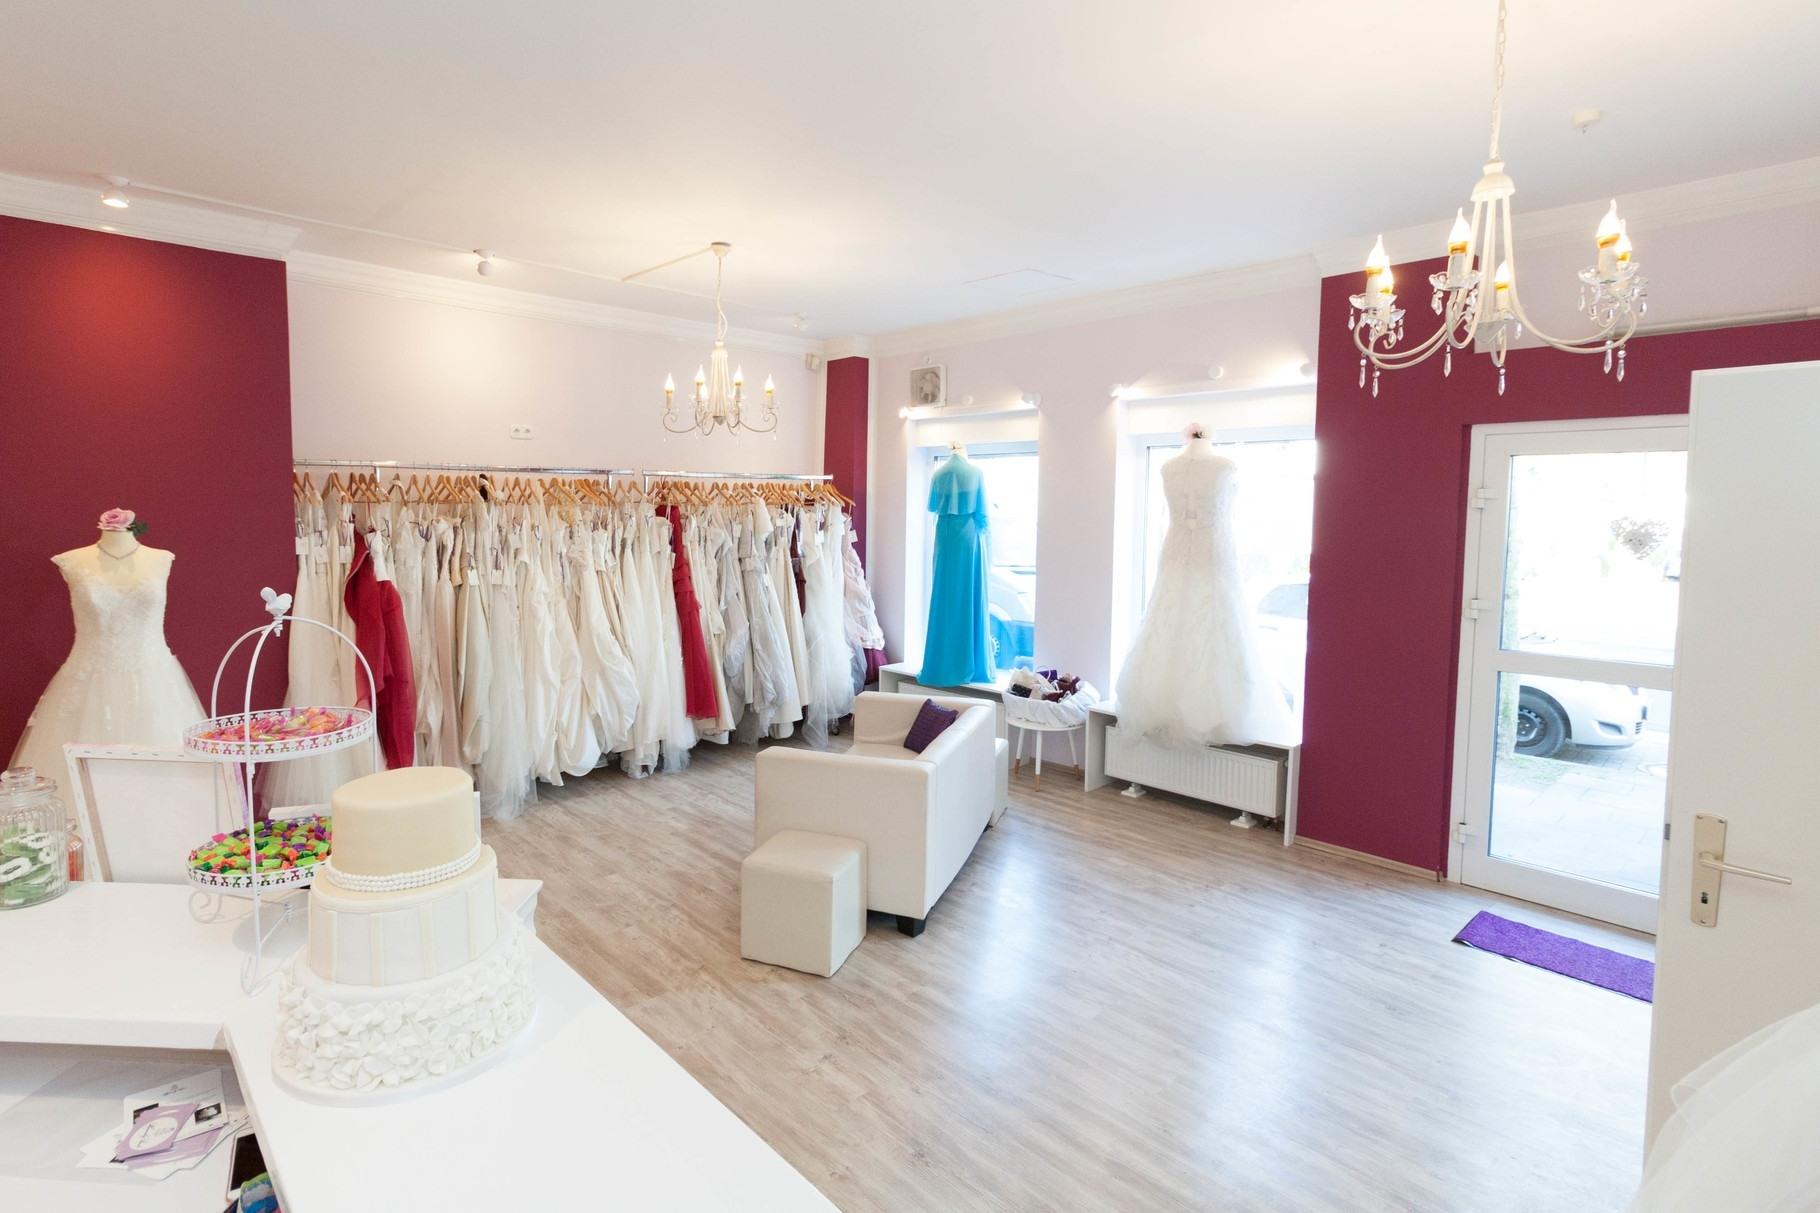 Einzigartig Brautmodengeschäft Spezialgebiet Schön Brautmodengeschäft Vertrieb